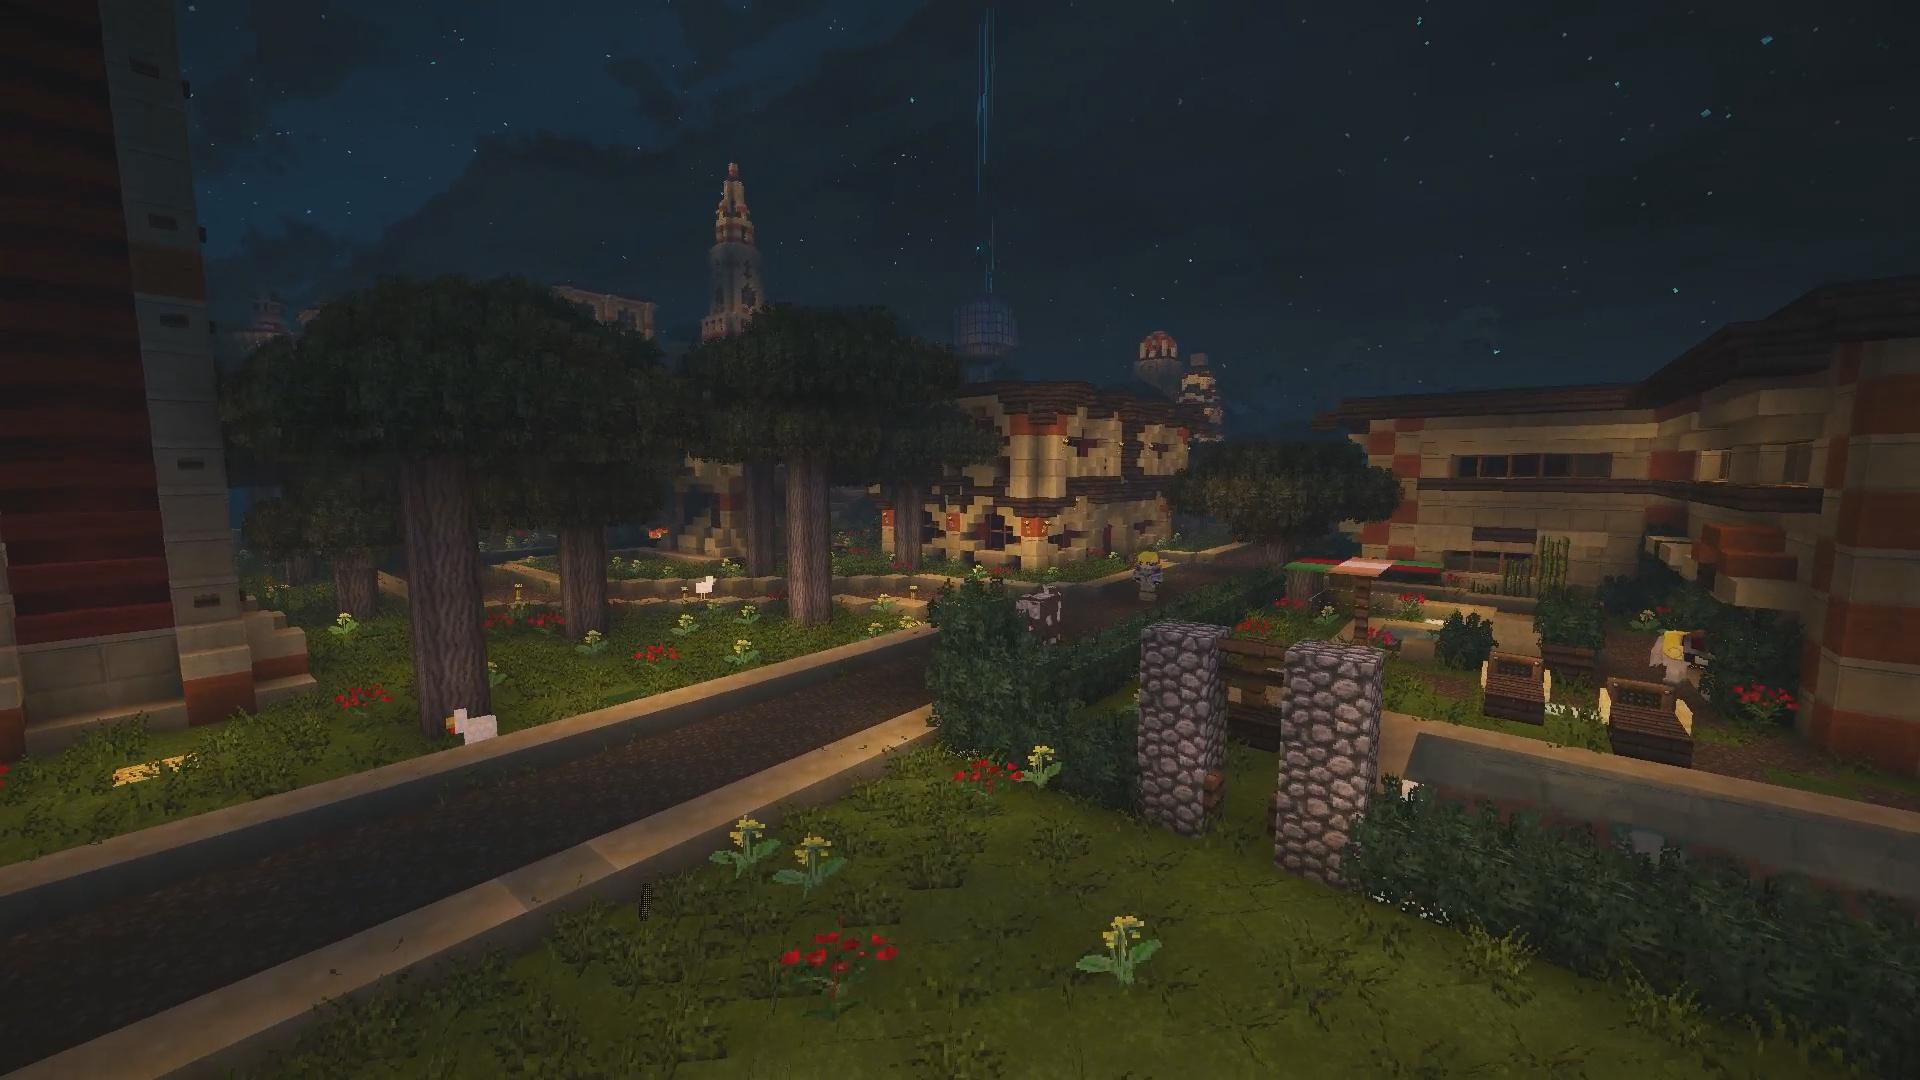 En revanche, je viens d'apprendre que Merlin vivait dans la savane xD !